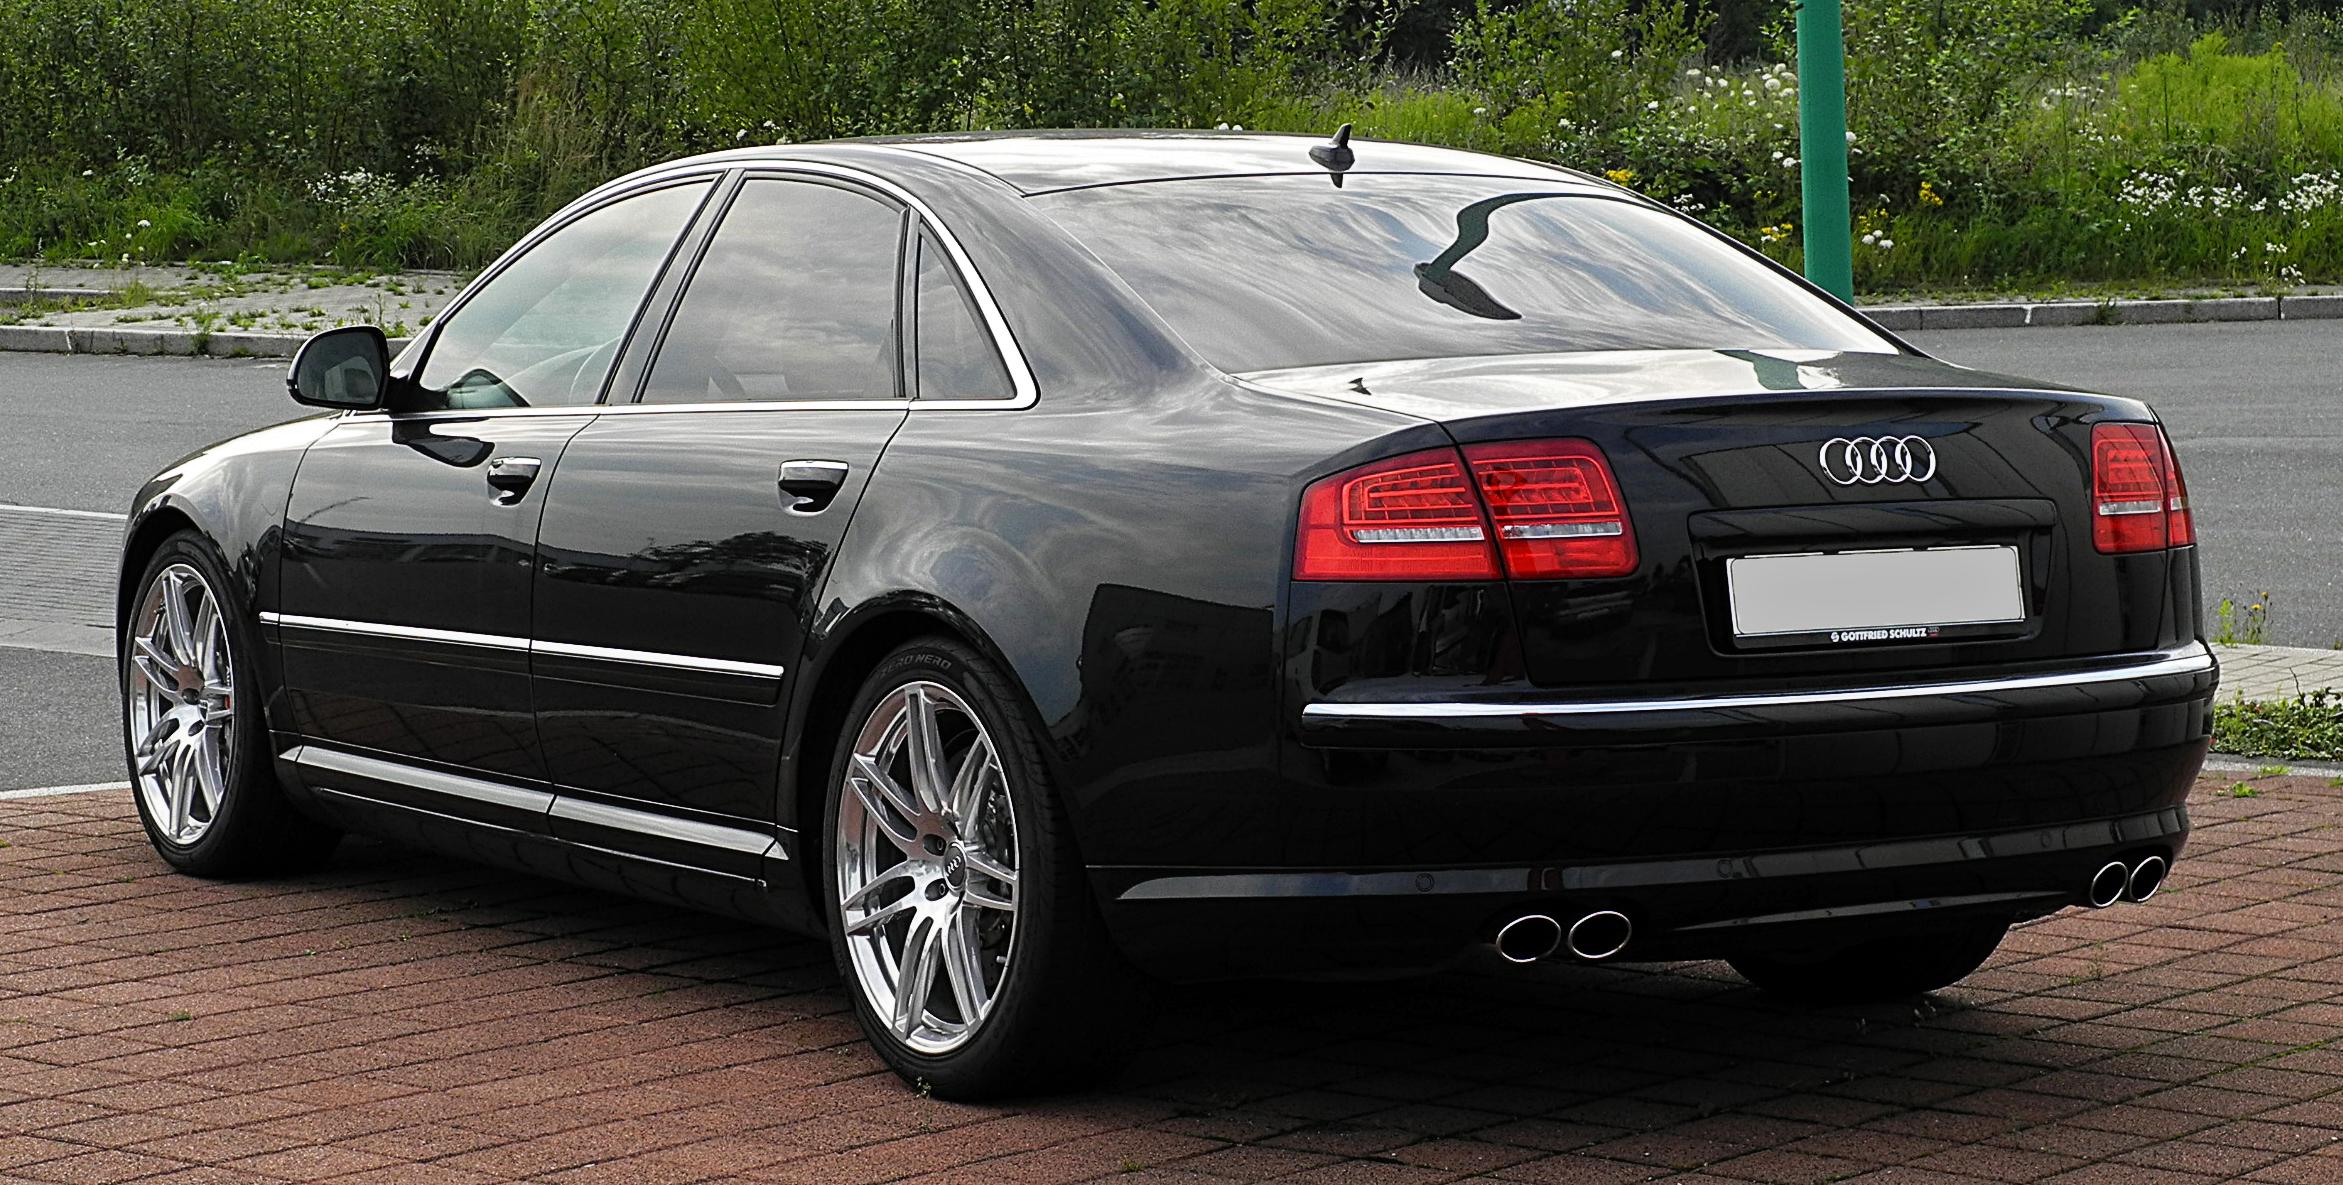 Audi Build Your Own >> File:Audi S8 (D3, 2. Facelift) – Heckansicht, 21. Juli 2011, Velbert.jpg - Wikimedia Commons